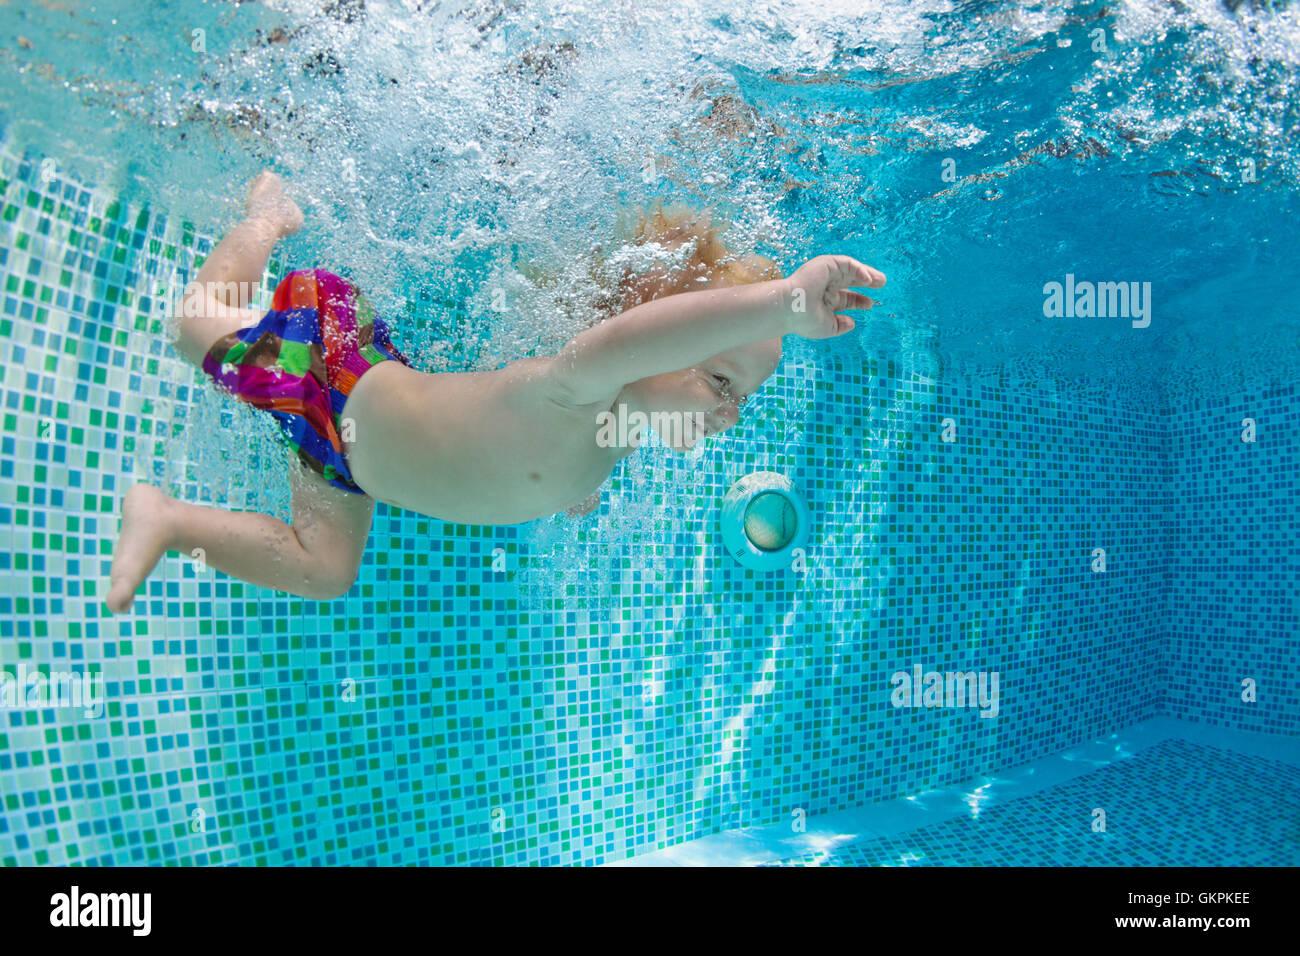 Gracioso foto del bebé activo natación, buceo en piscina con diversión, salto hacia abajo subacuático Imagen De Stock